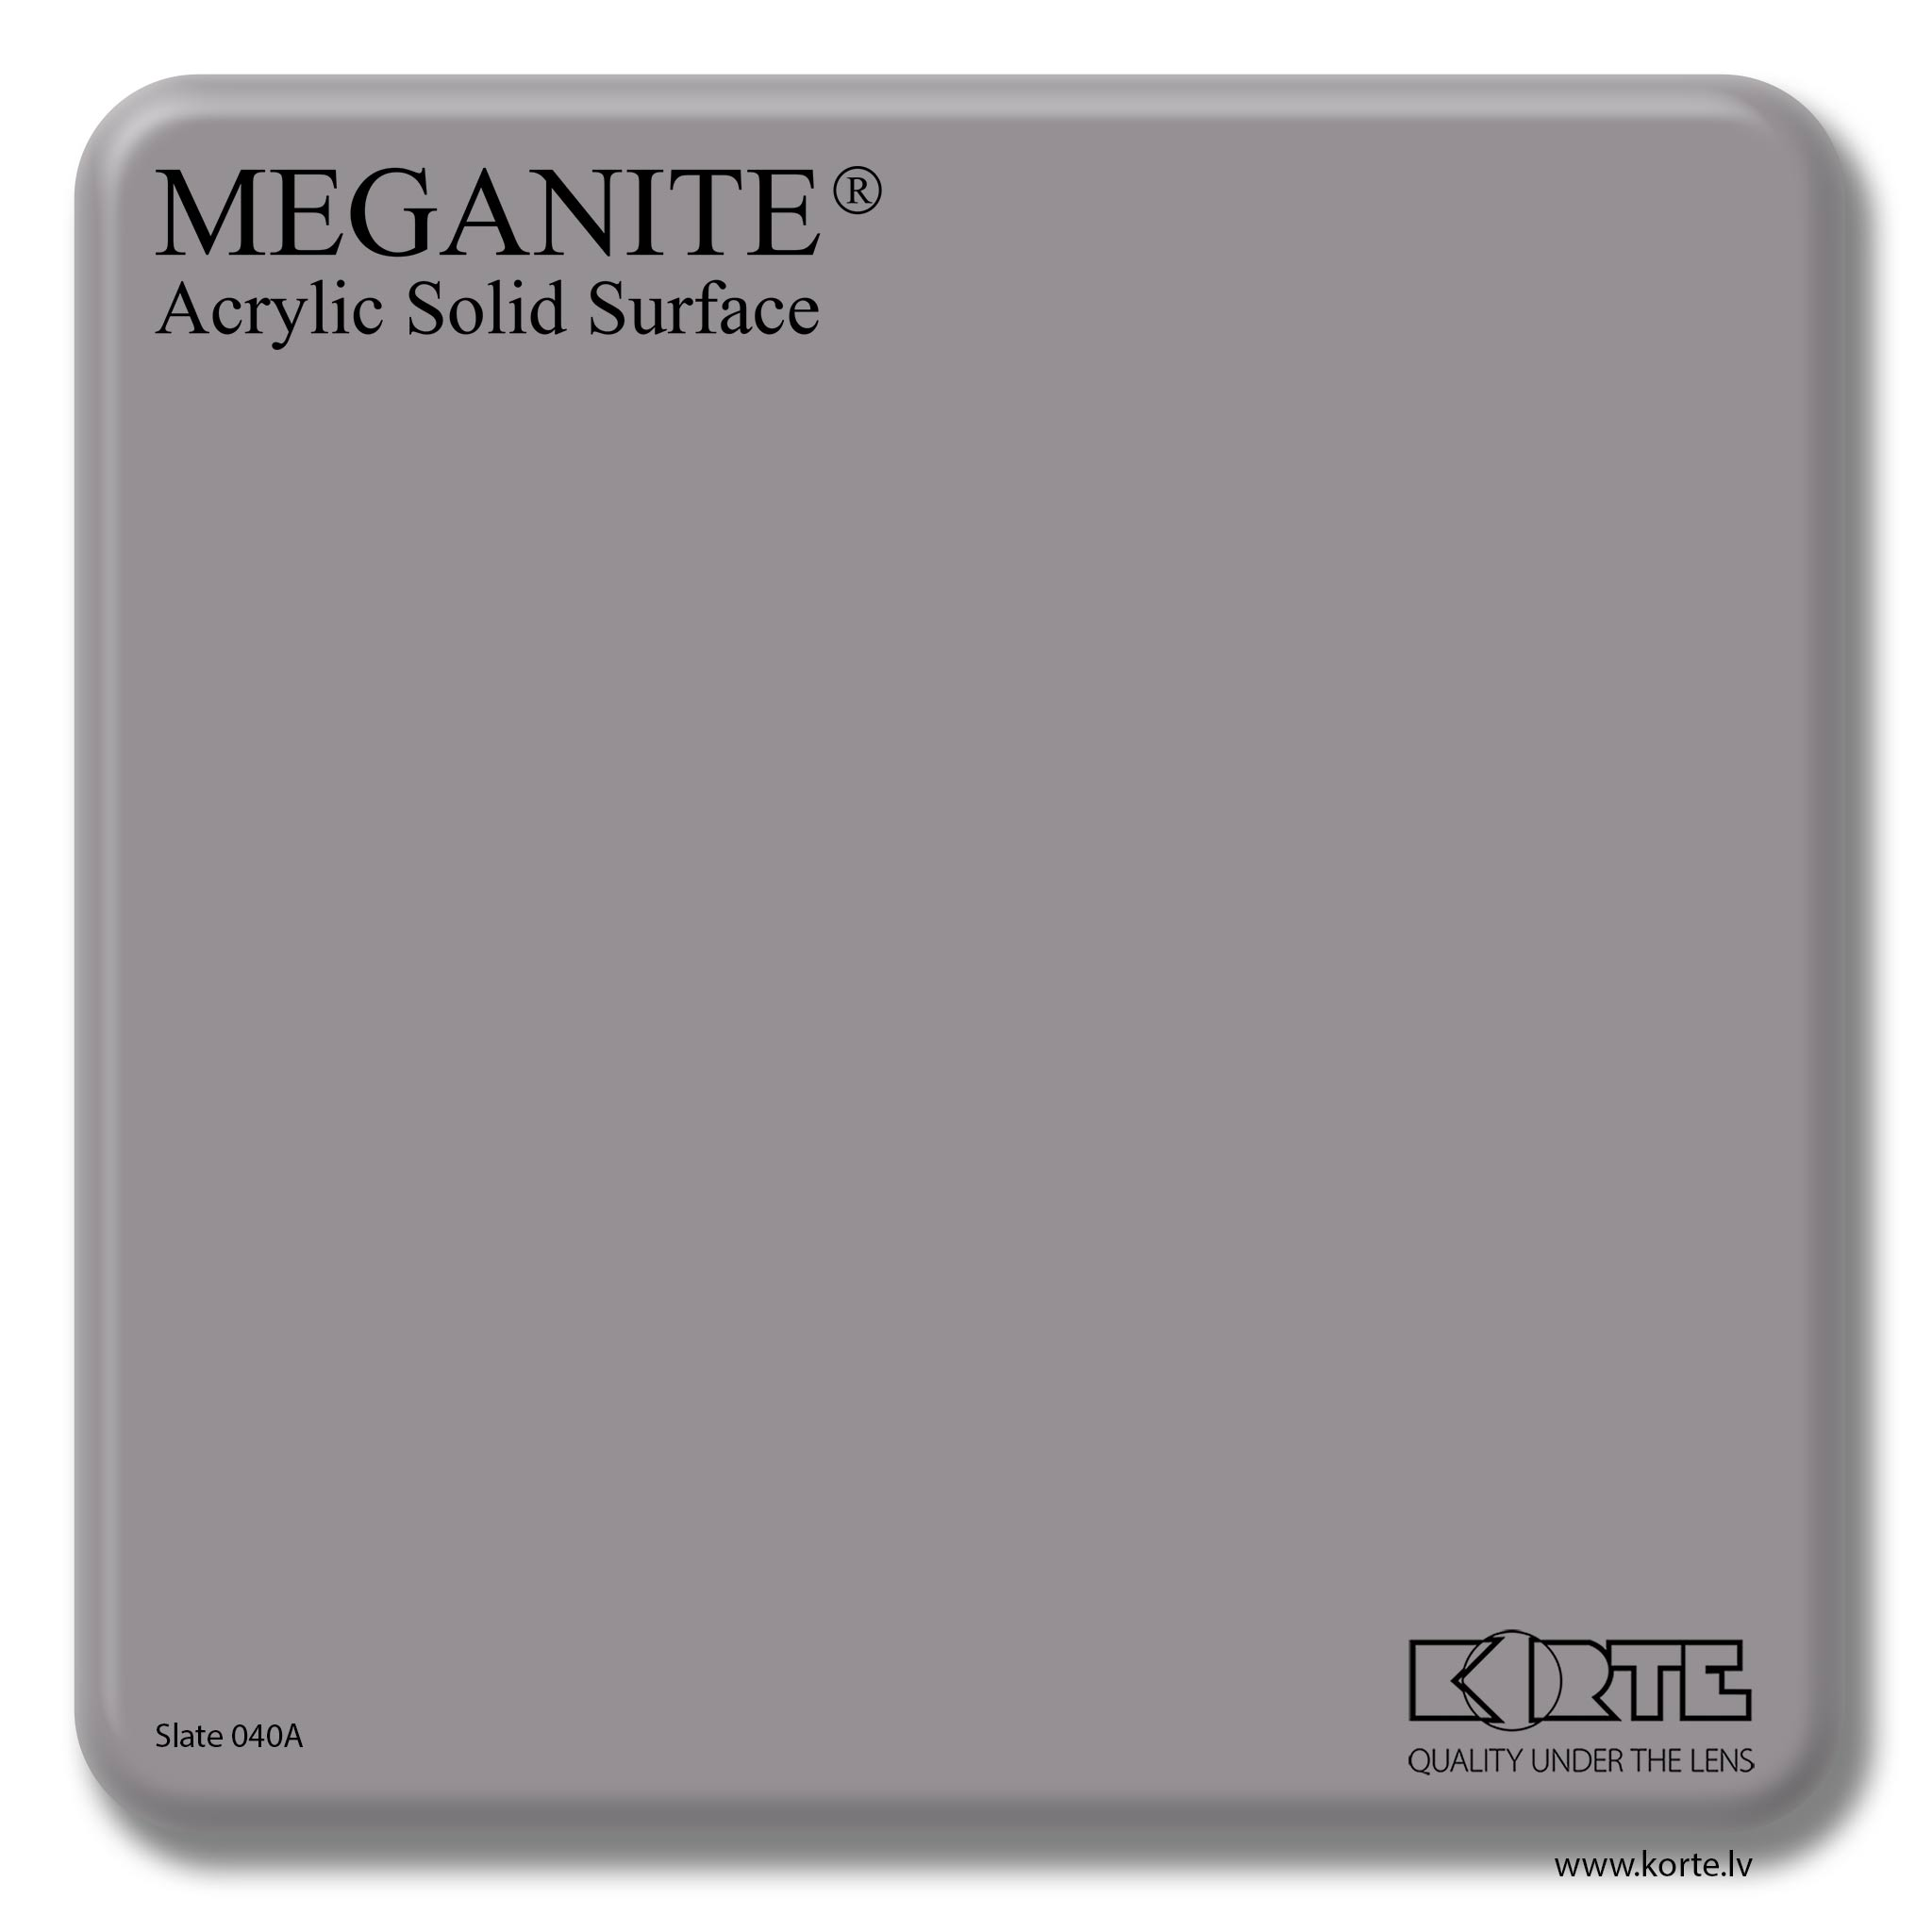 Meganite Slate 040A